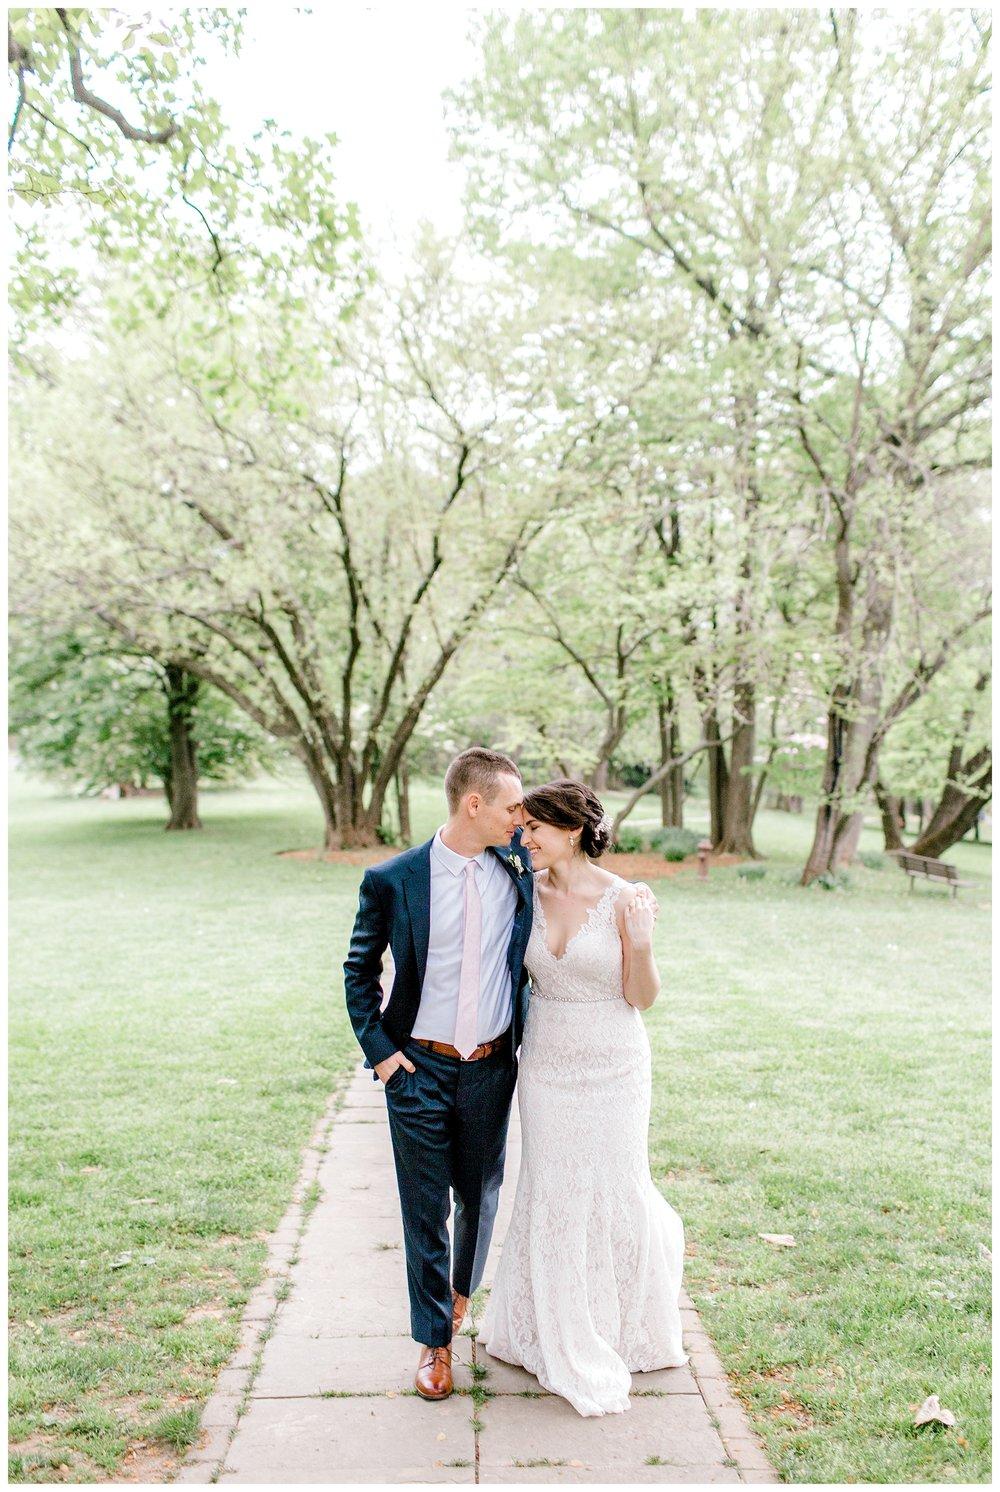 Woodend Nature Sanctuary Wedding Maryland Wedding Photographer_0000.jpg